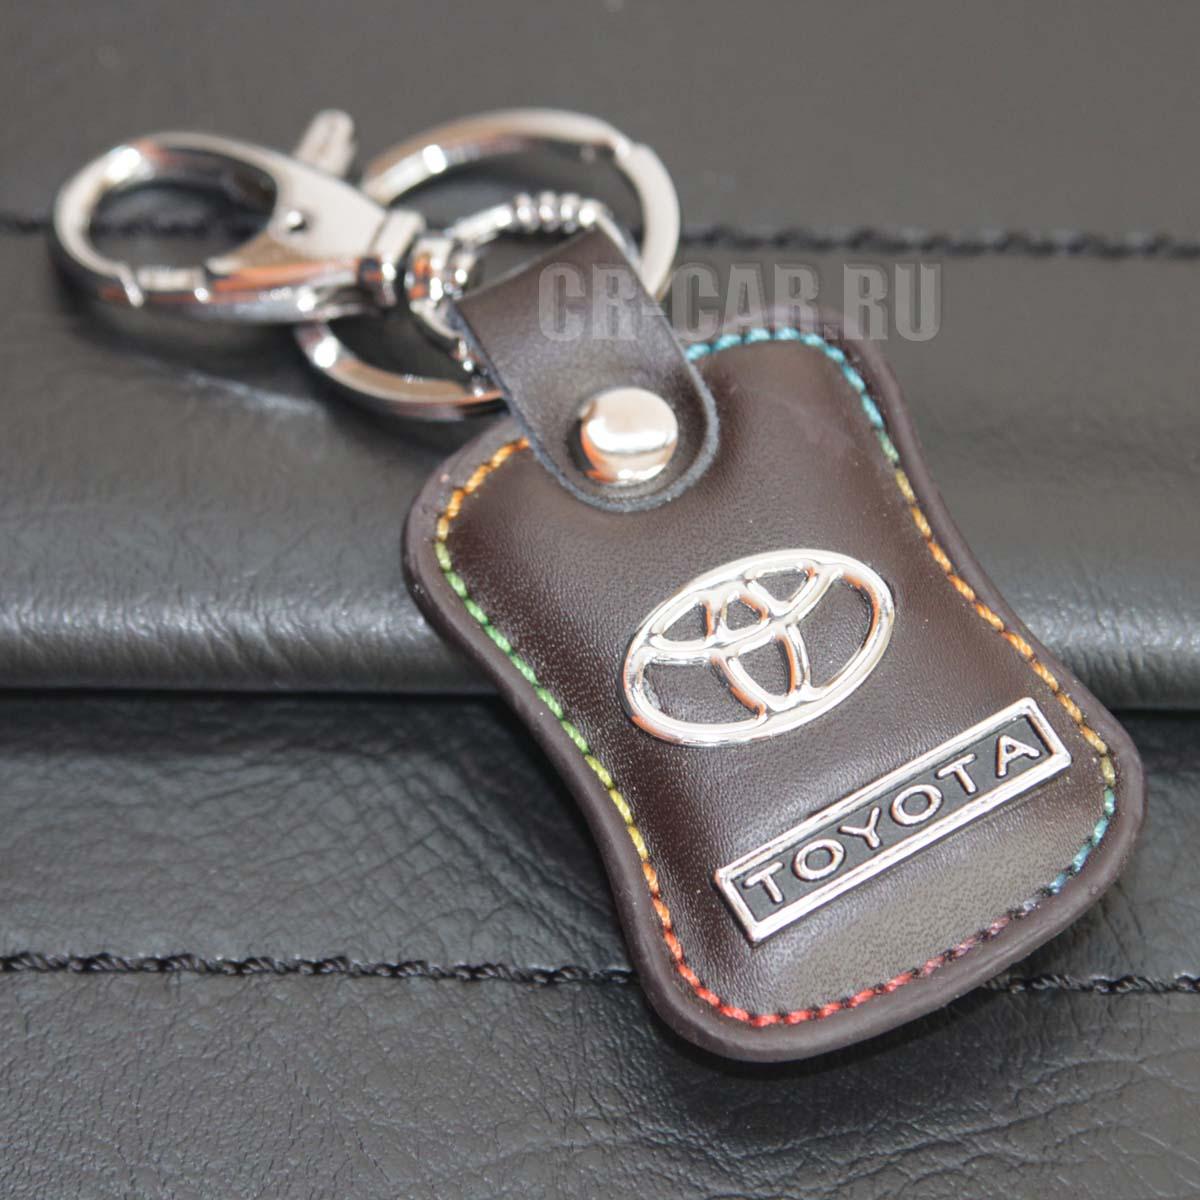 Кожаный брелок для автомобильных ключей своими руками